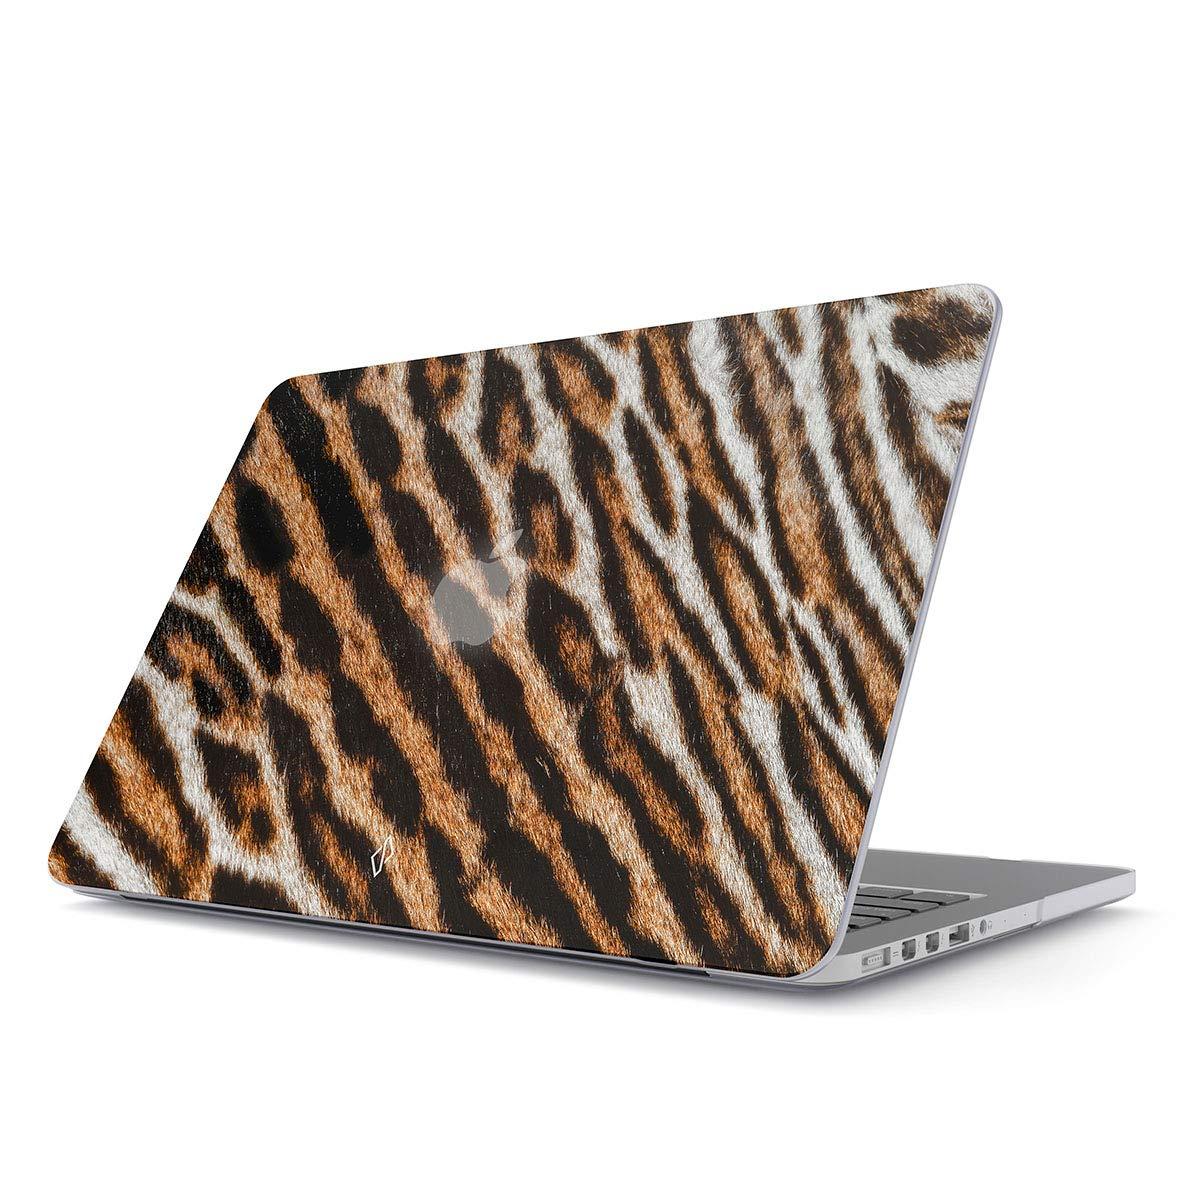 BURGA Funda para MacBook 12 Pulgadas, Modelo: A1534 con Retina Display Salvaje León Animales Wild Savage Lion Tiger Leopard Cheetah Dura Carcasa ...